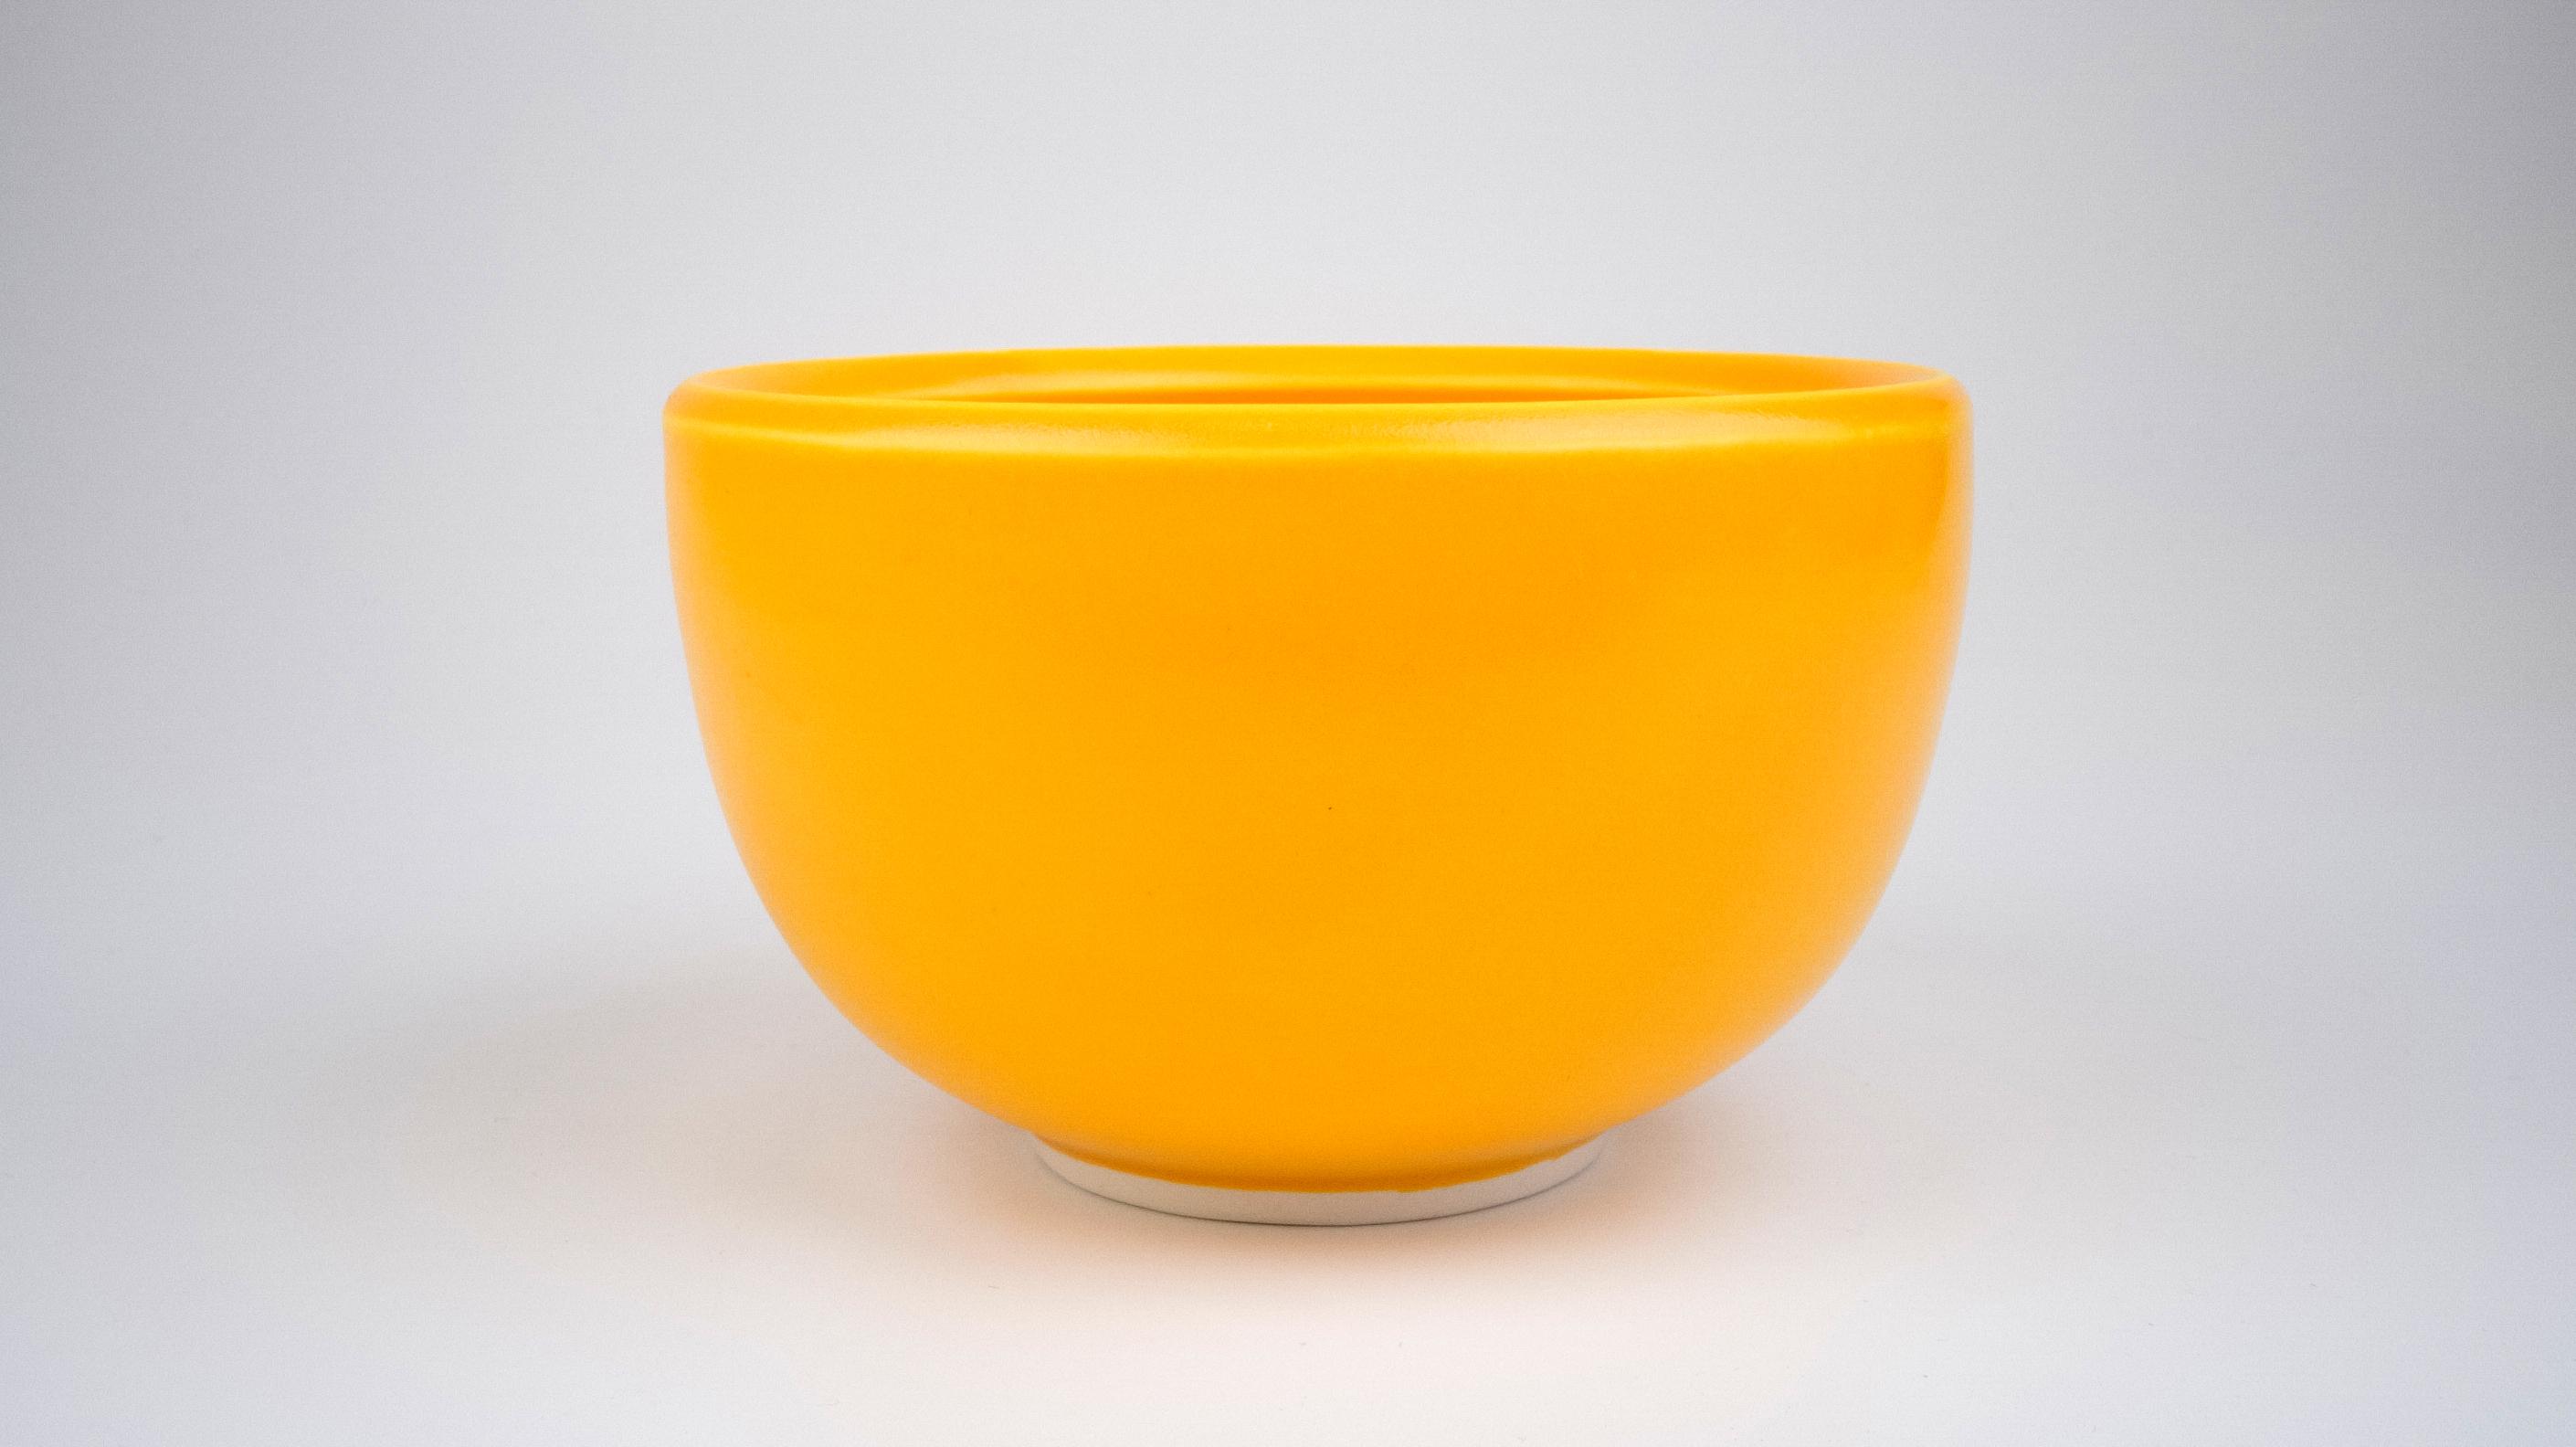 Ball Bowl with Julius Glaze